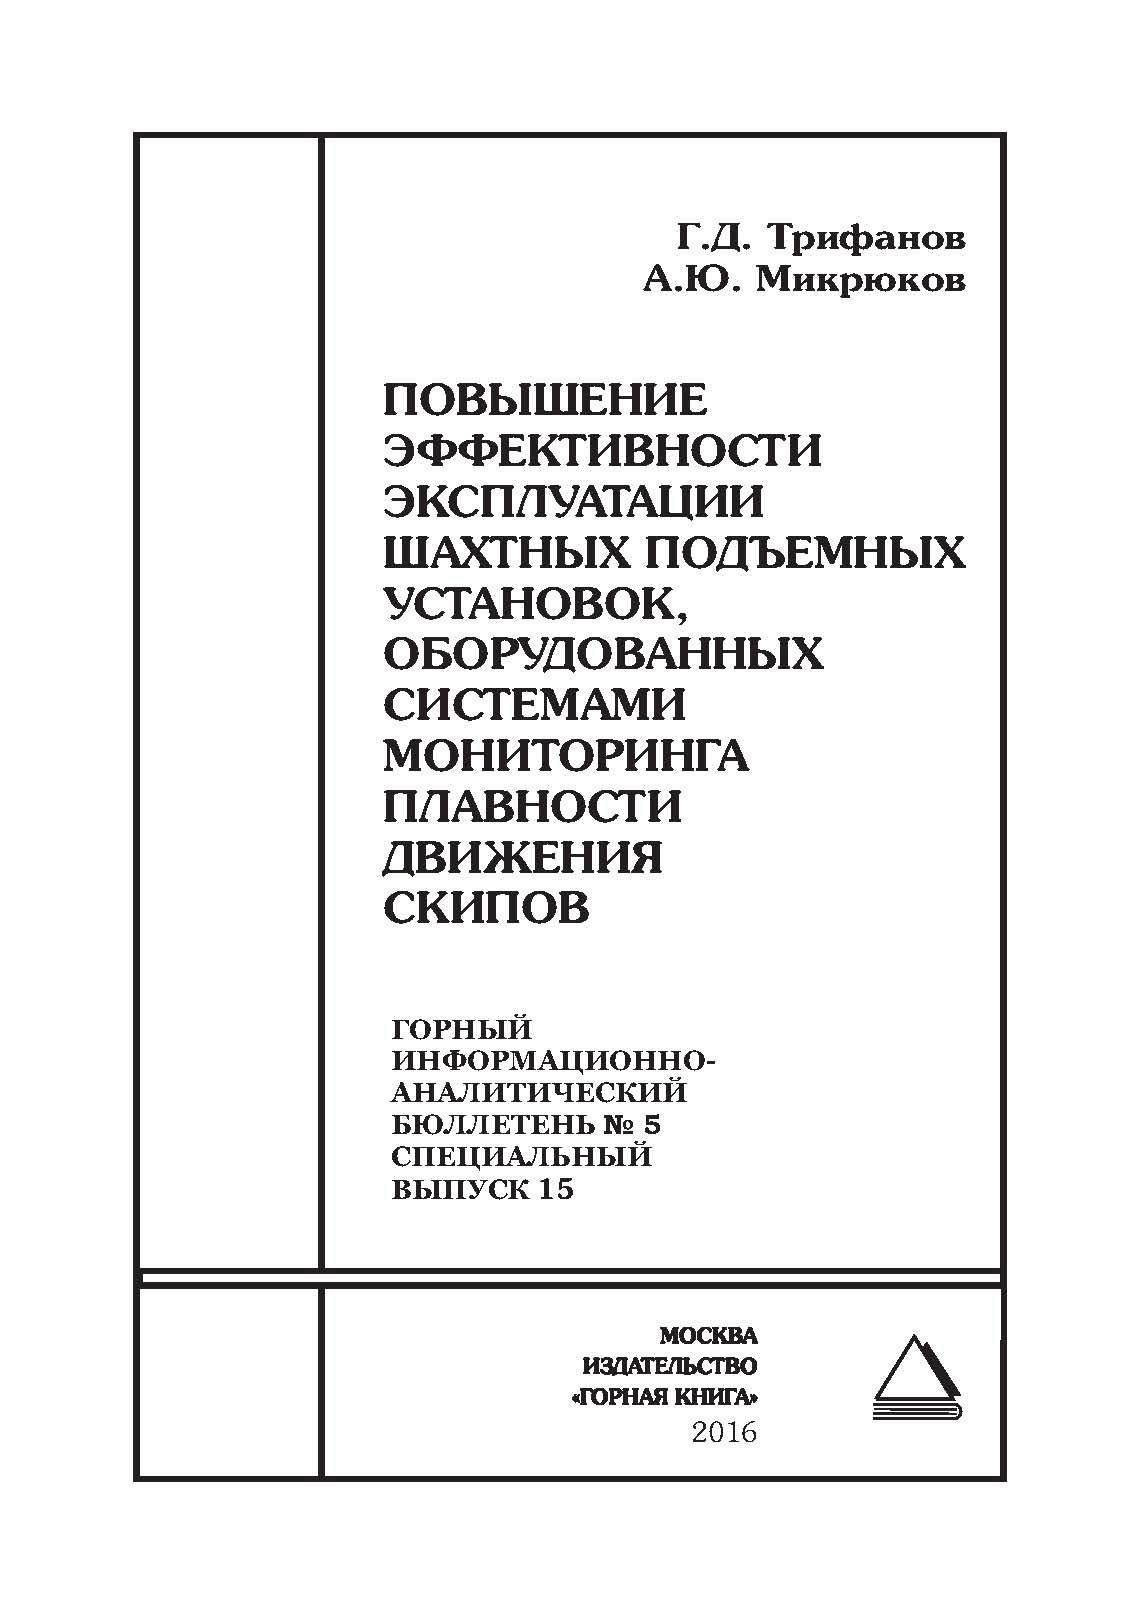 Г. Д. Трифанов Повышение эффективности эксплуатации шахтных подъемных установок, оборудованных системами мониторинга плавности движения скипов